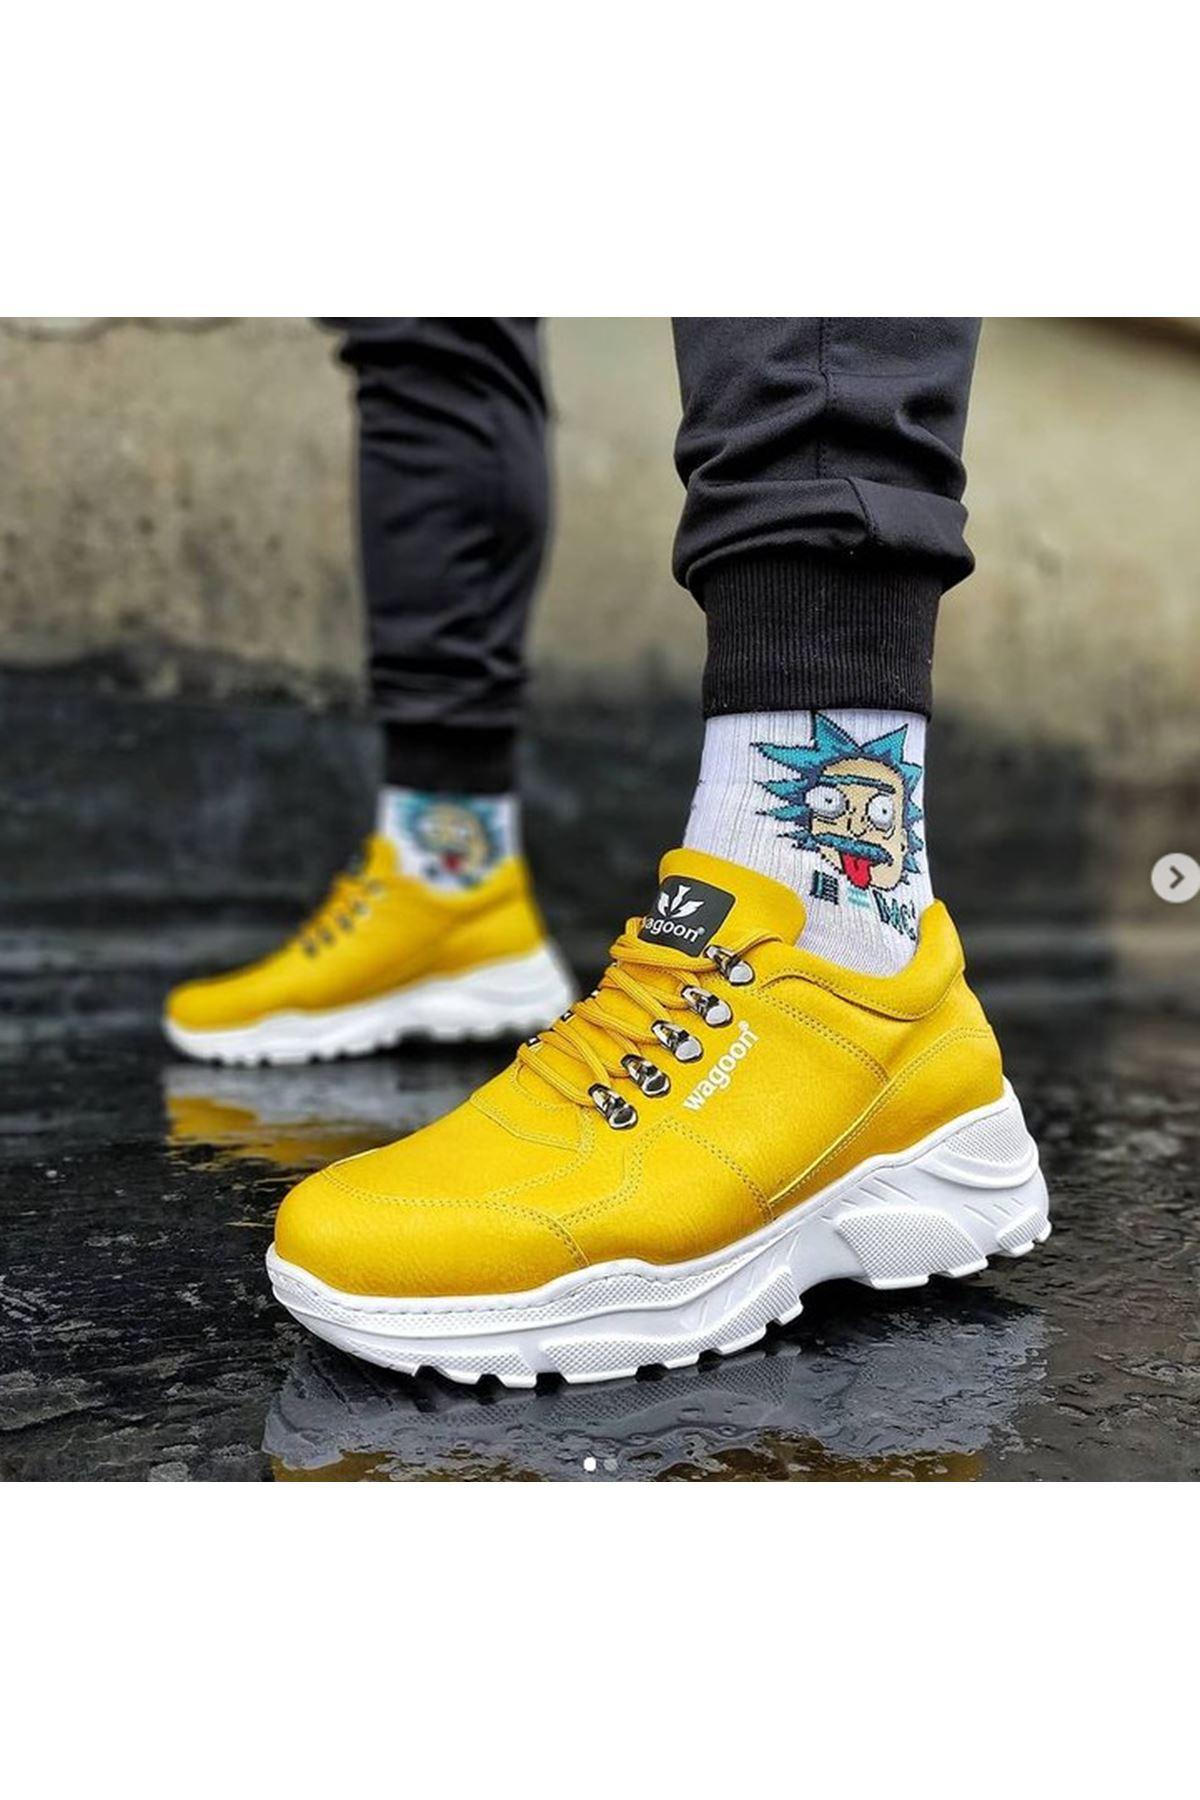 Wagoon WG019 Sarı Erkek Yüksek Taban Ayakkabı